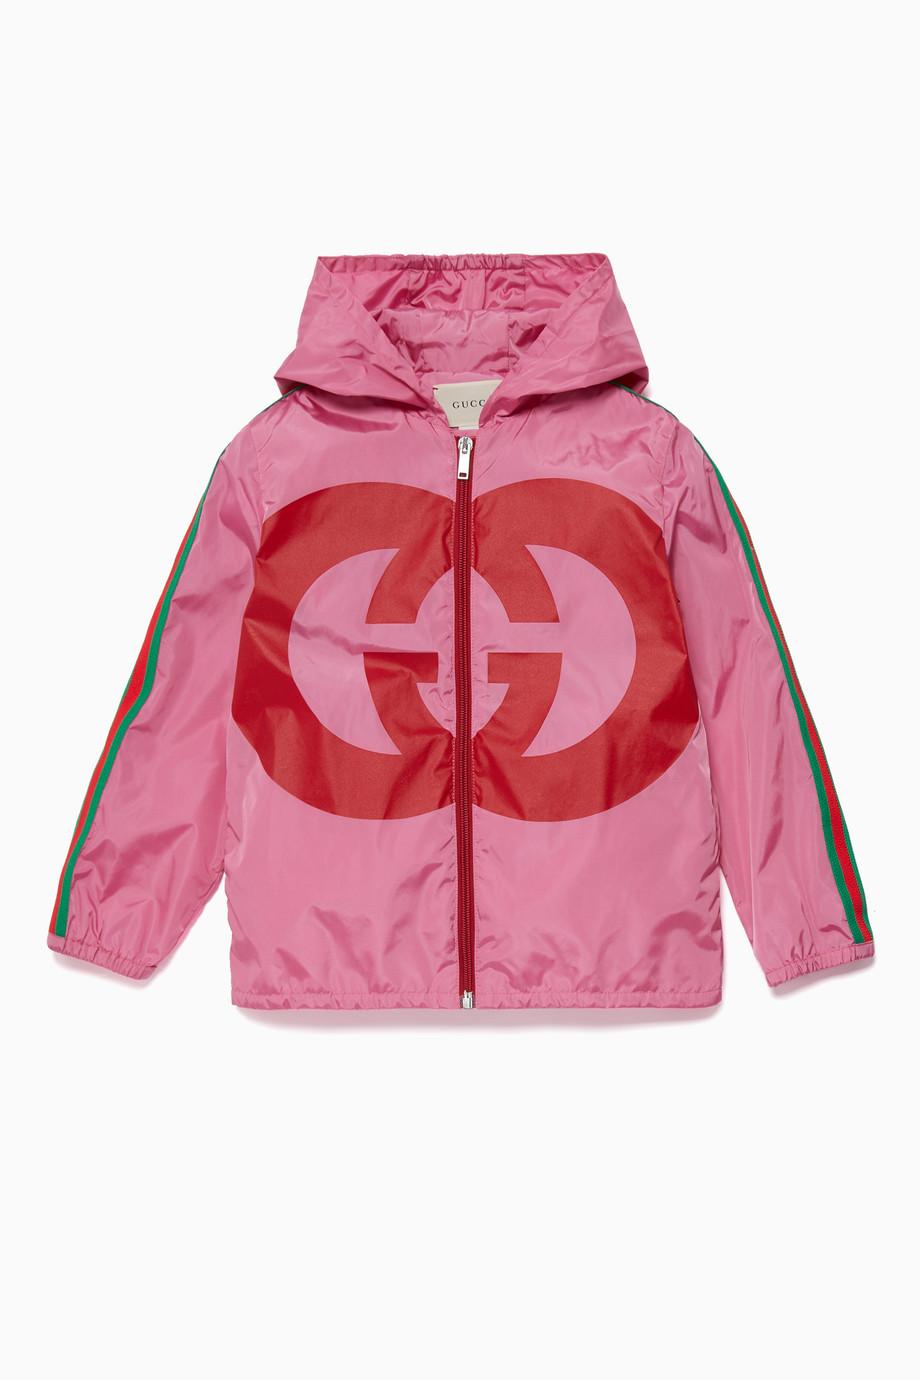 e404c01e7 Shop Gucci Pink Pink GG Logo Jacket for Kids | Ounass